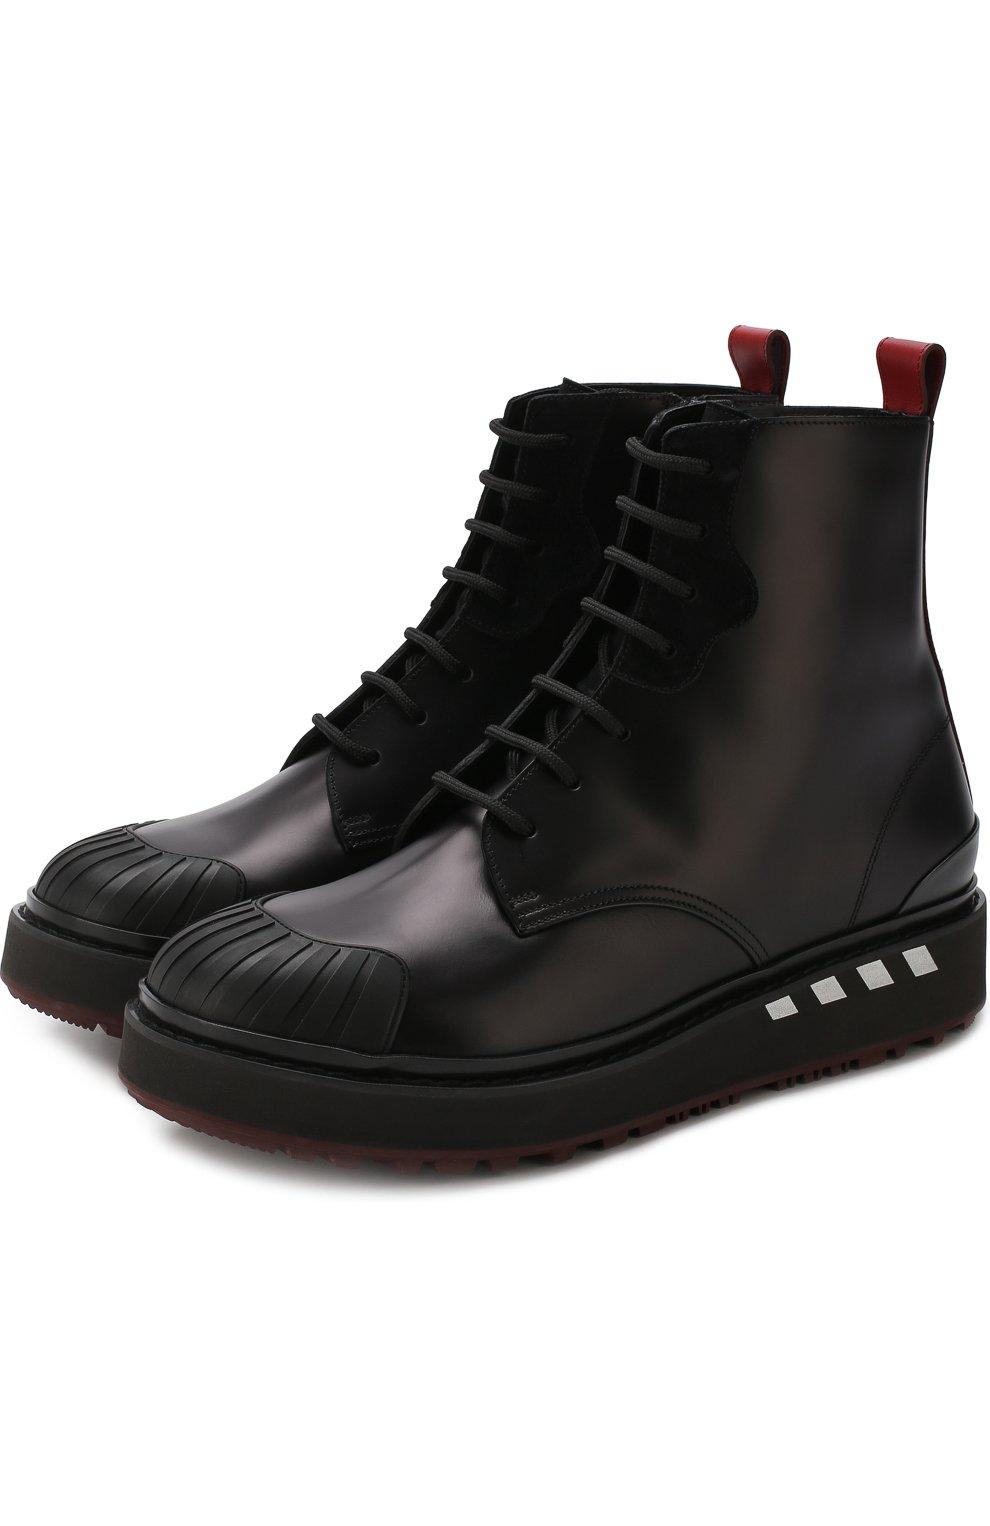 7fa3ed33aa6b Высокие кожаные ботинки Valentino Garavani на шнуровке с молнией   Фото №1